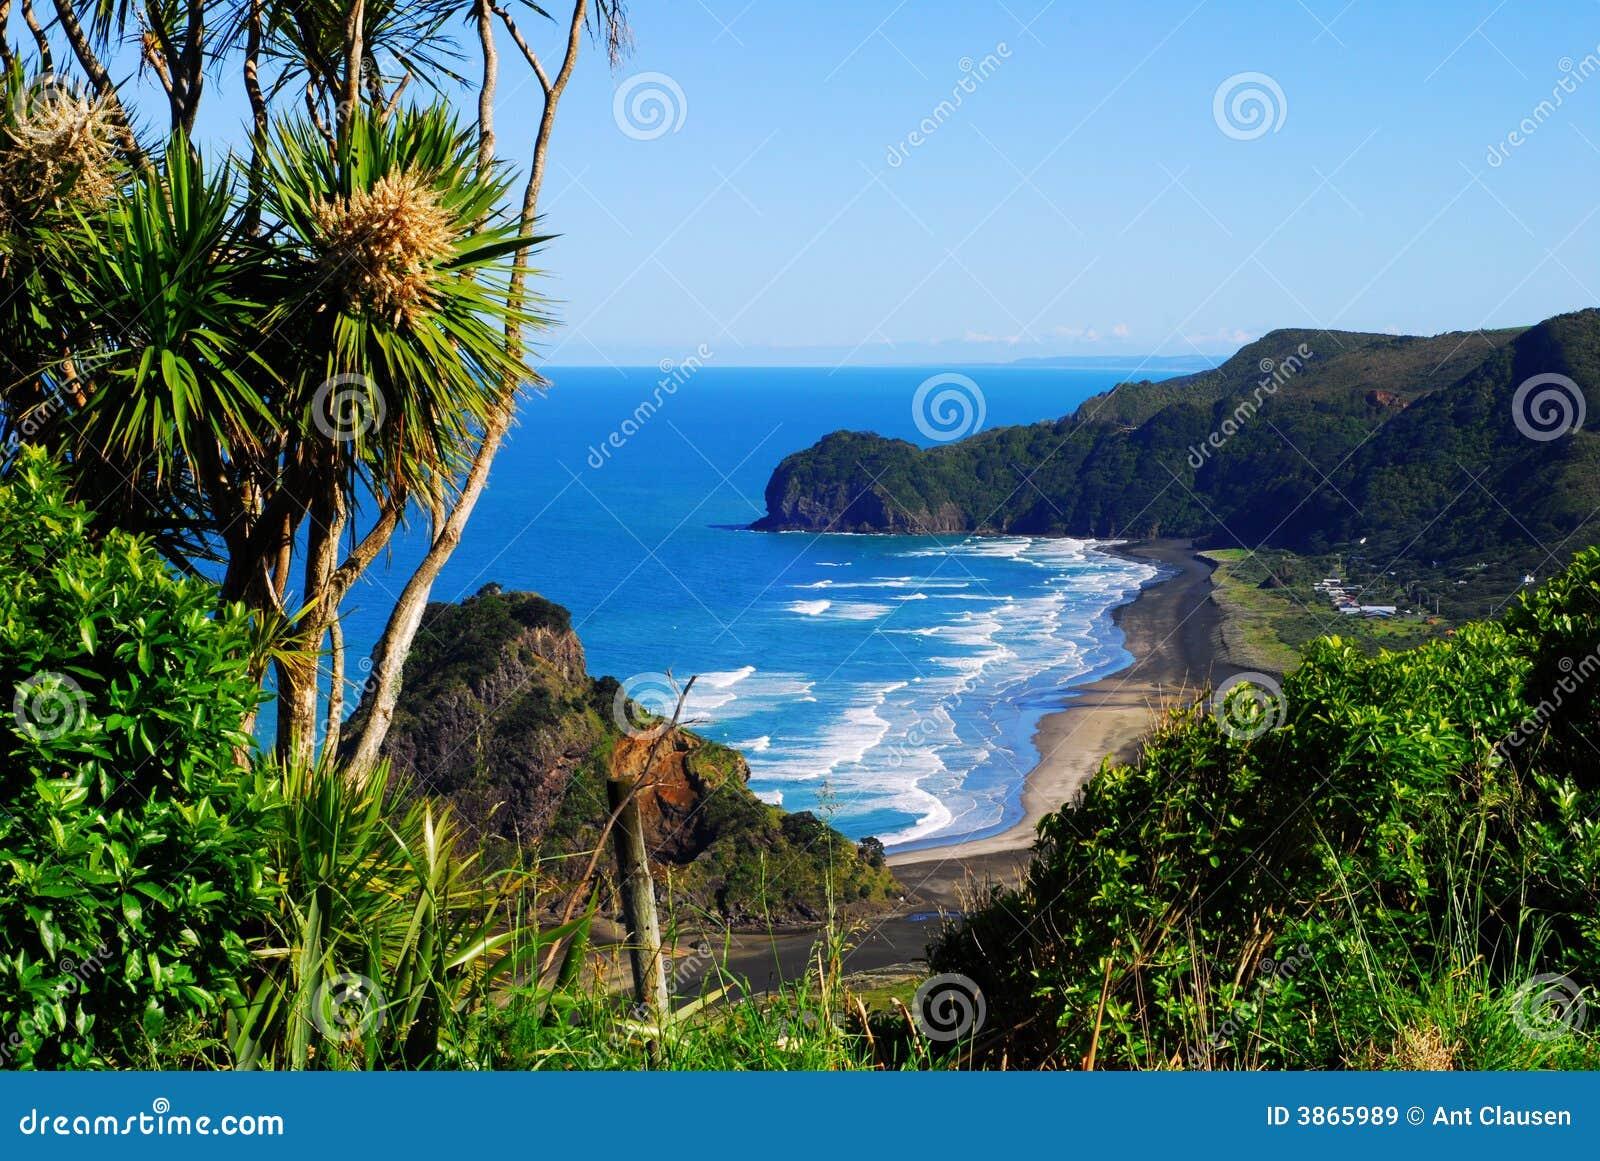 Vista di una spiaggia della costa ovest